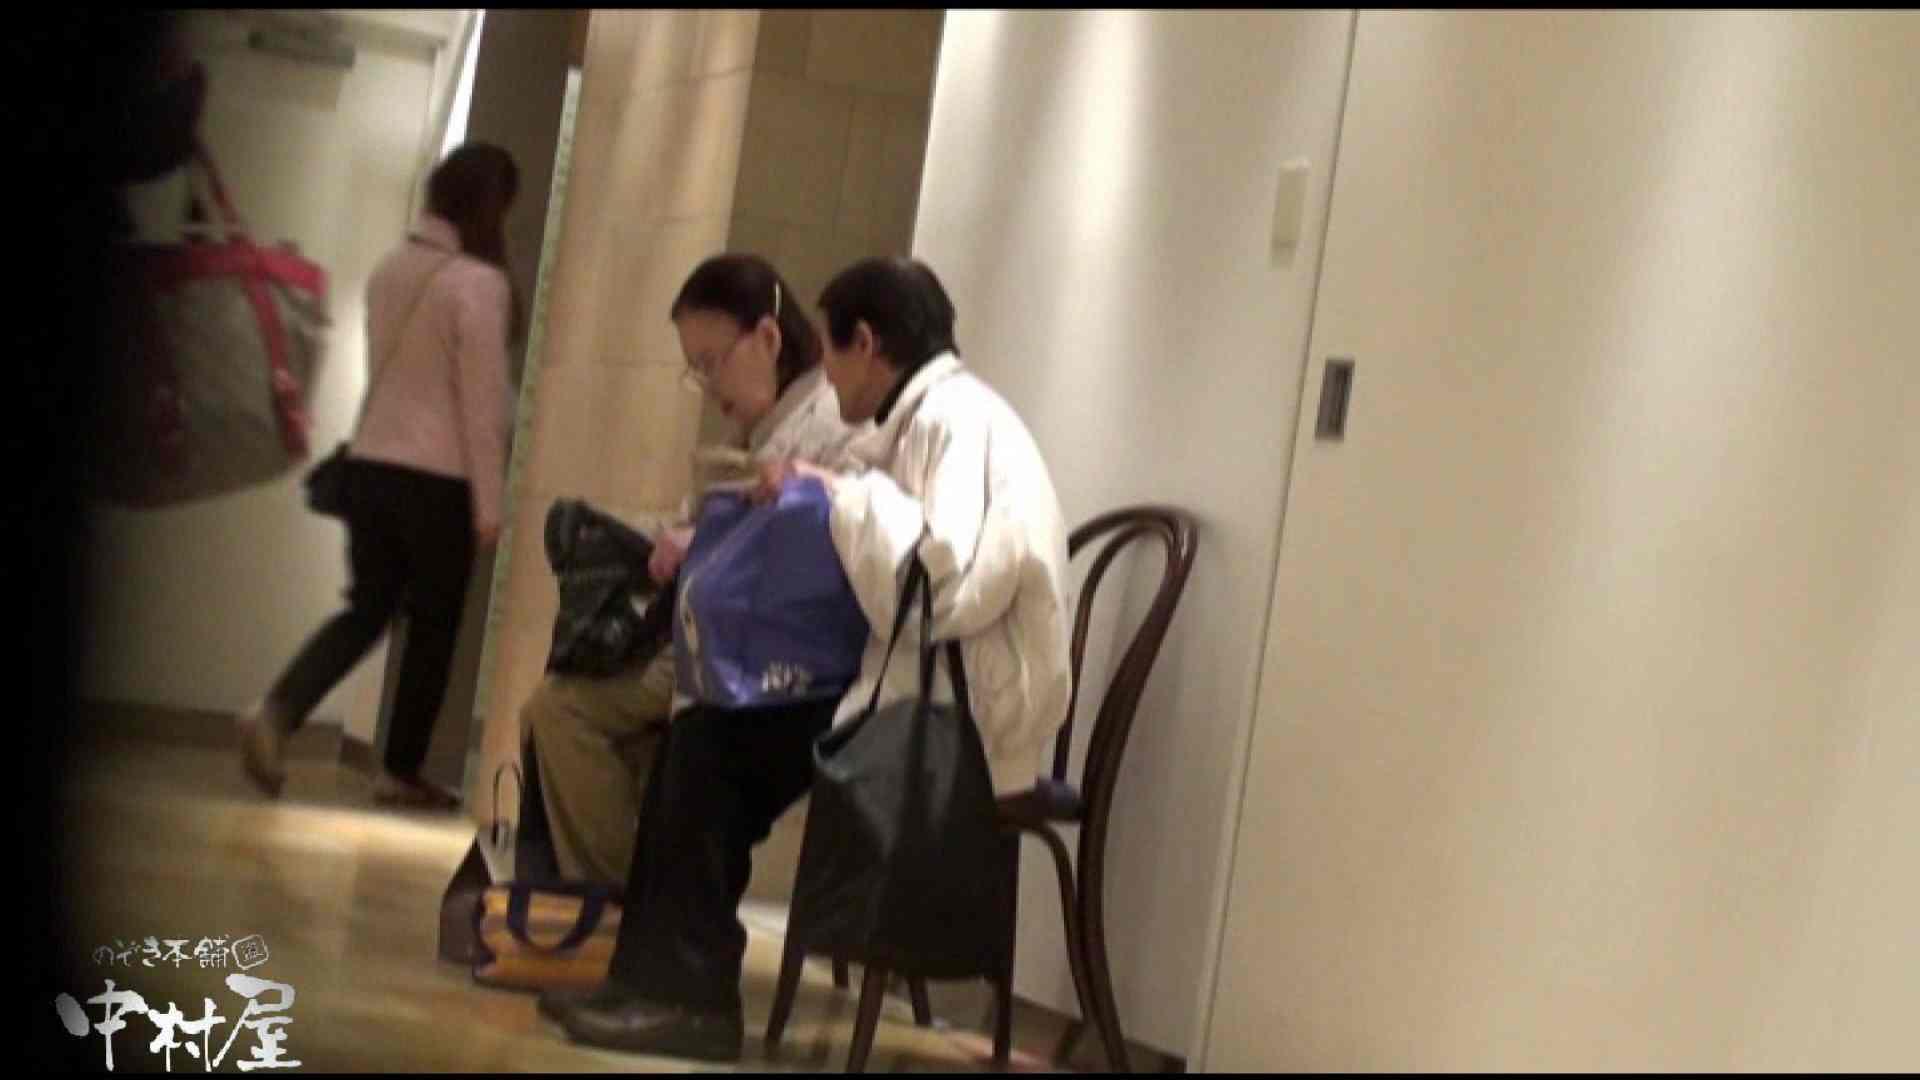 飛び出す黄金水!!!アトレ潜入 かわや盗撮 vol.02 マンコ エロ画像 92連発 32